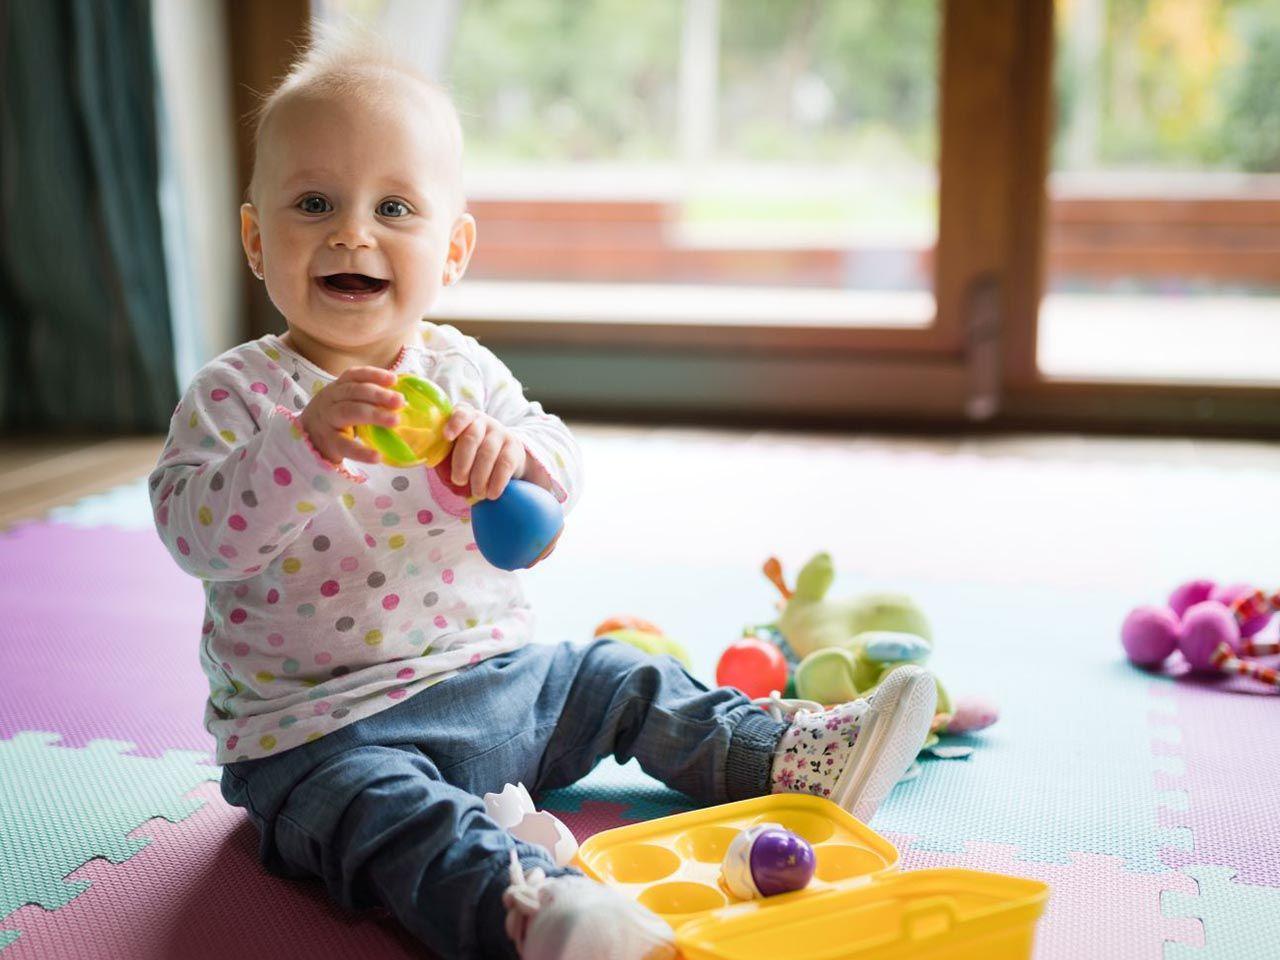 70538e4561ad0d Przedstawiamy 15 pomysłów na tanie prezenty dla dziecka z okazji roczku.  Bez wątpienia wybierzesz z listy upominek idealny!